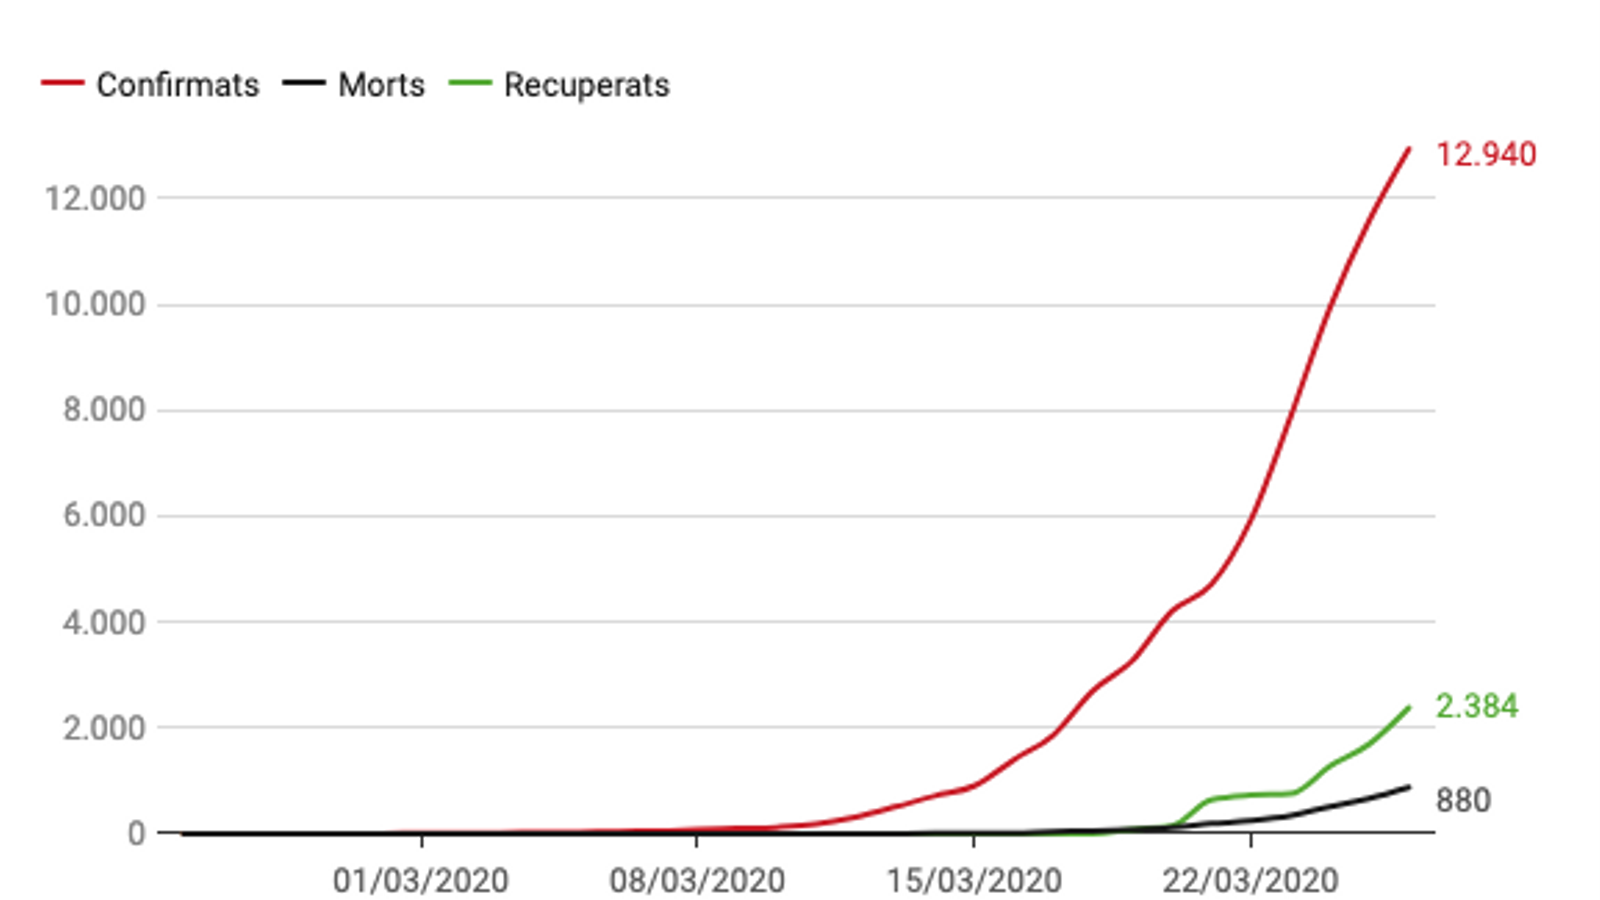 Totes les dades i mapes per seguir l'evolució del coronavirus a Catalunya, Espanya i el món